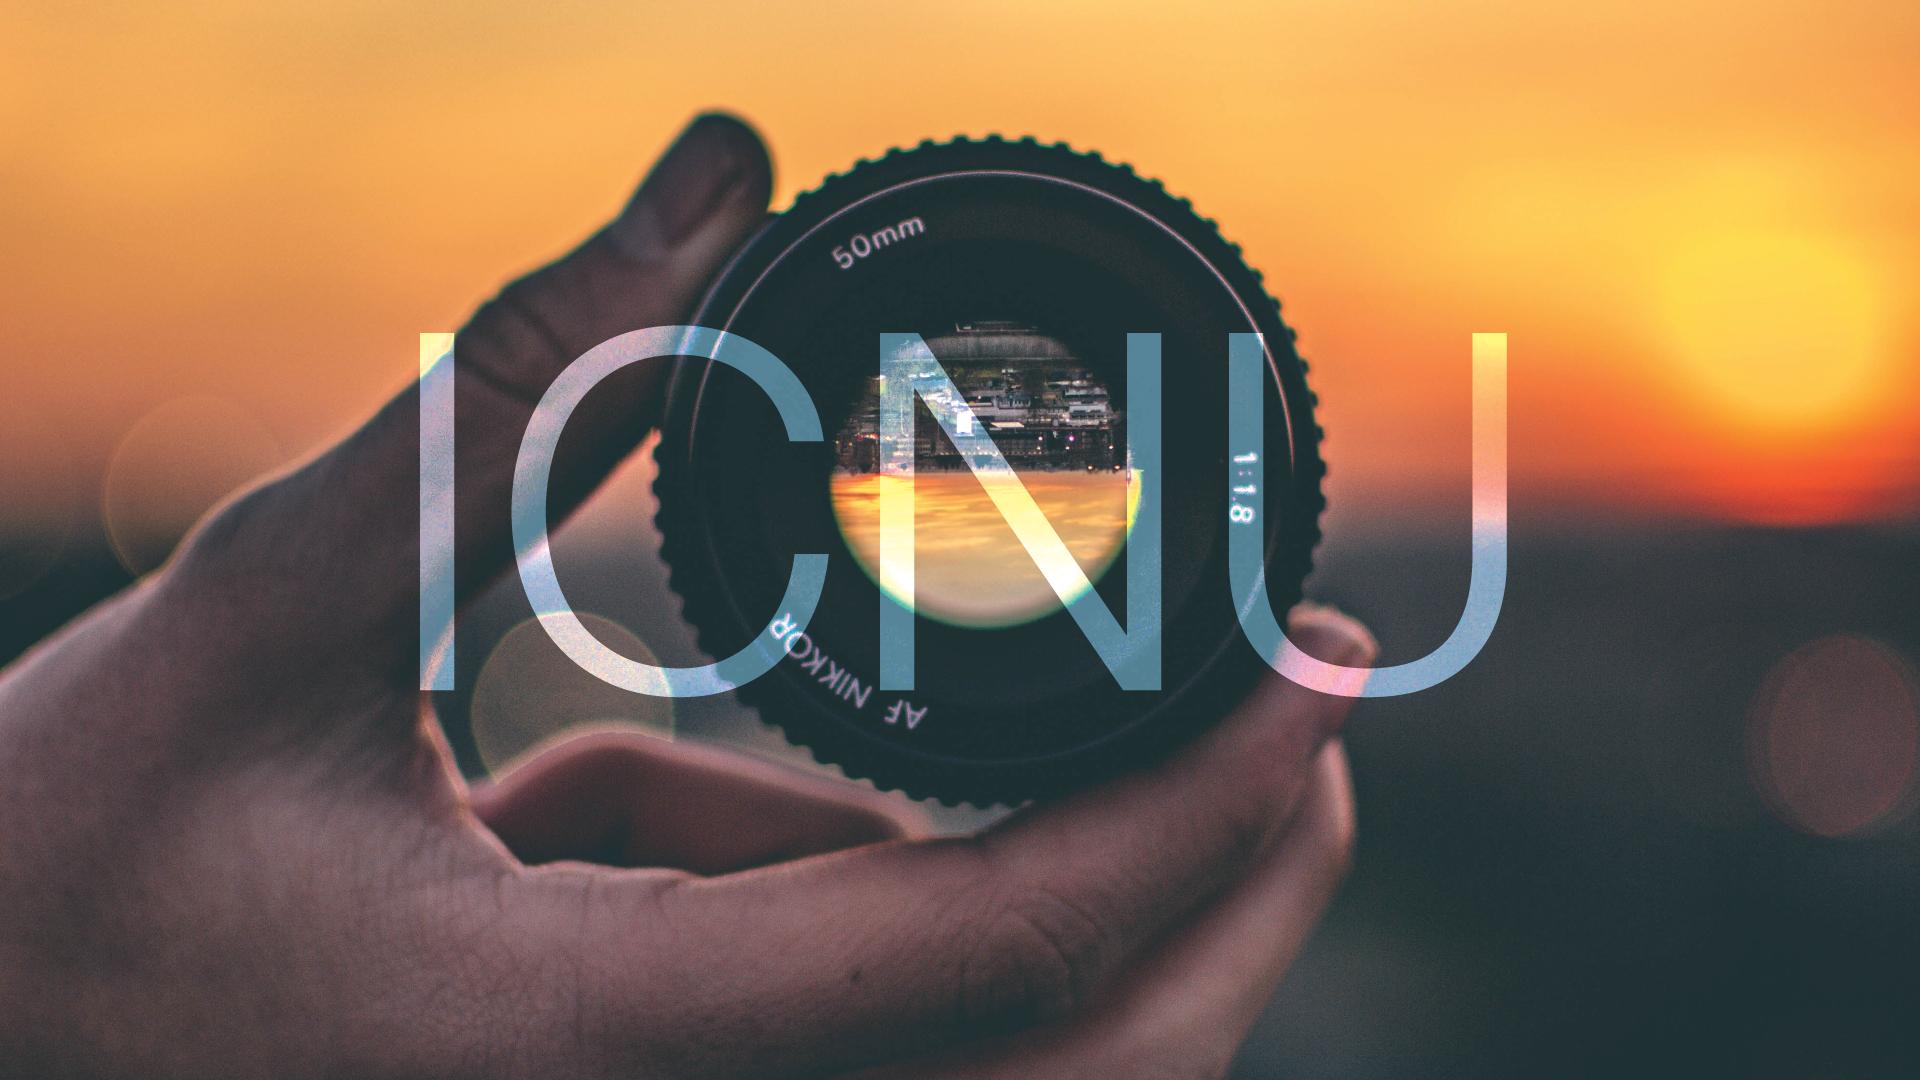 ICNU.jpg